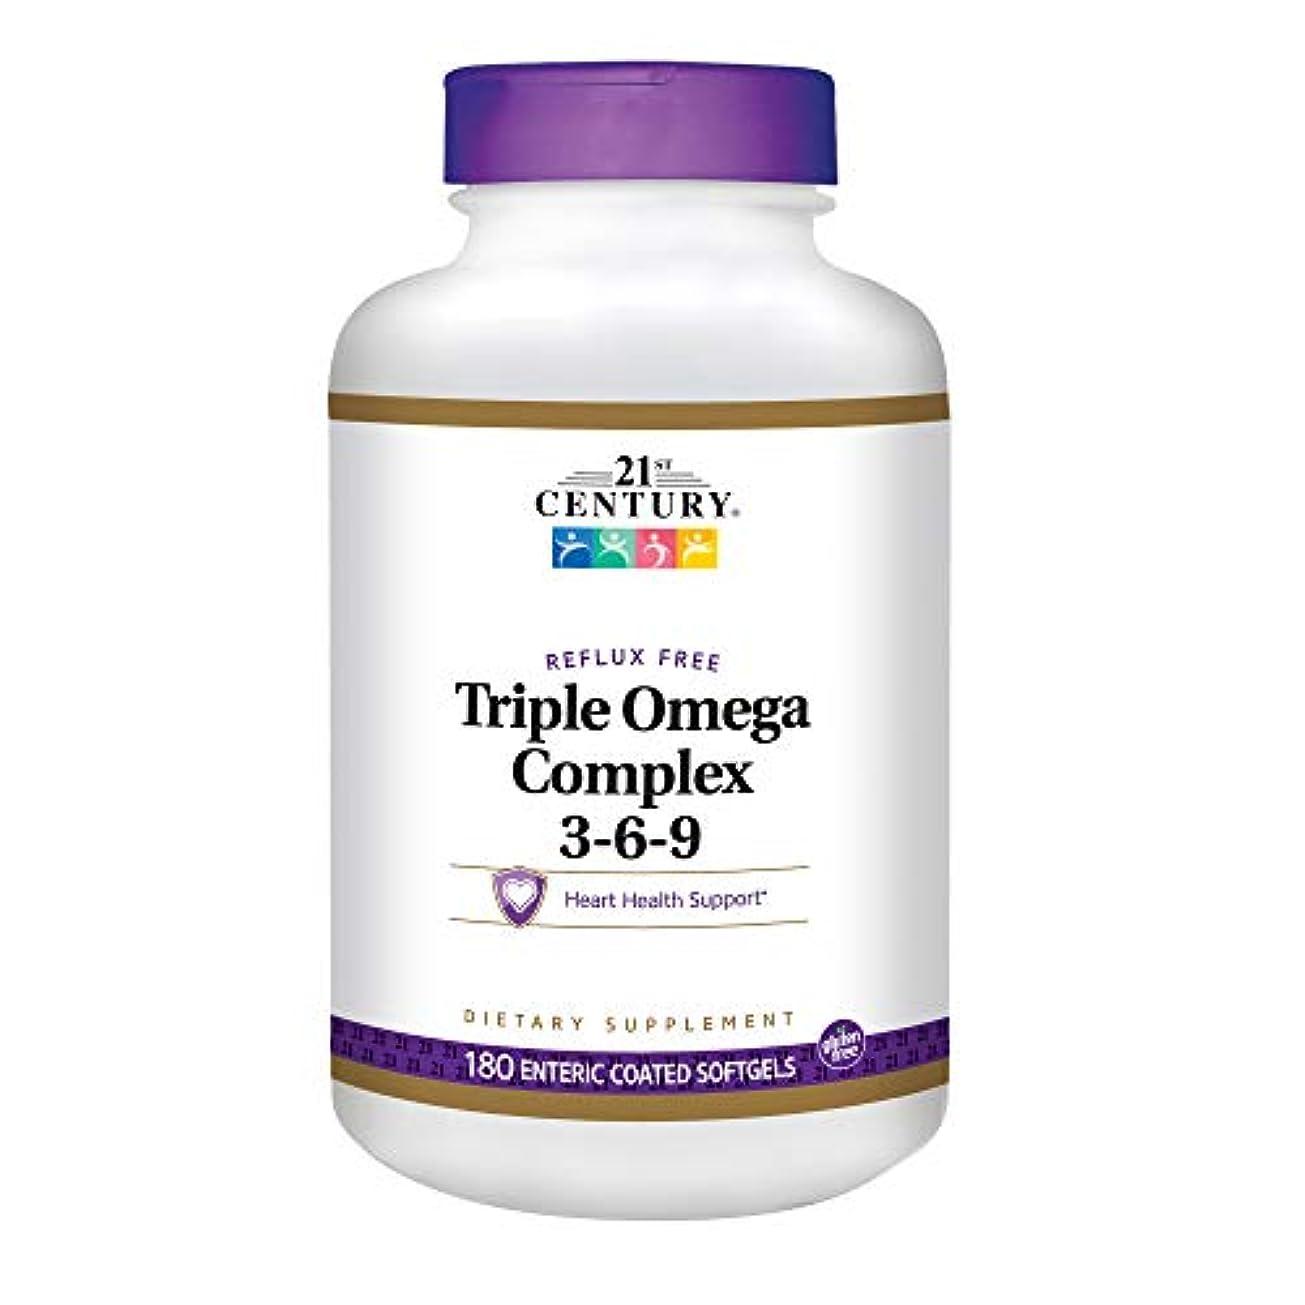 あご太平洋諸島クロール21st Century Health Care, Triple Omega Complex 3-6-9, 180 Enteric Coated Softgels